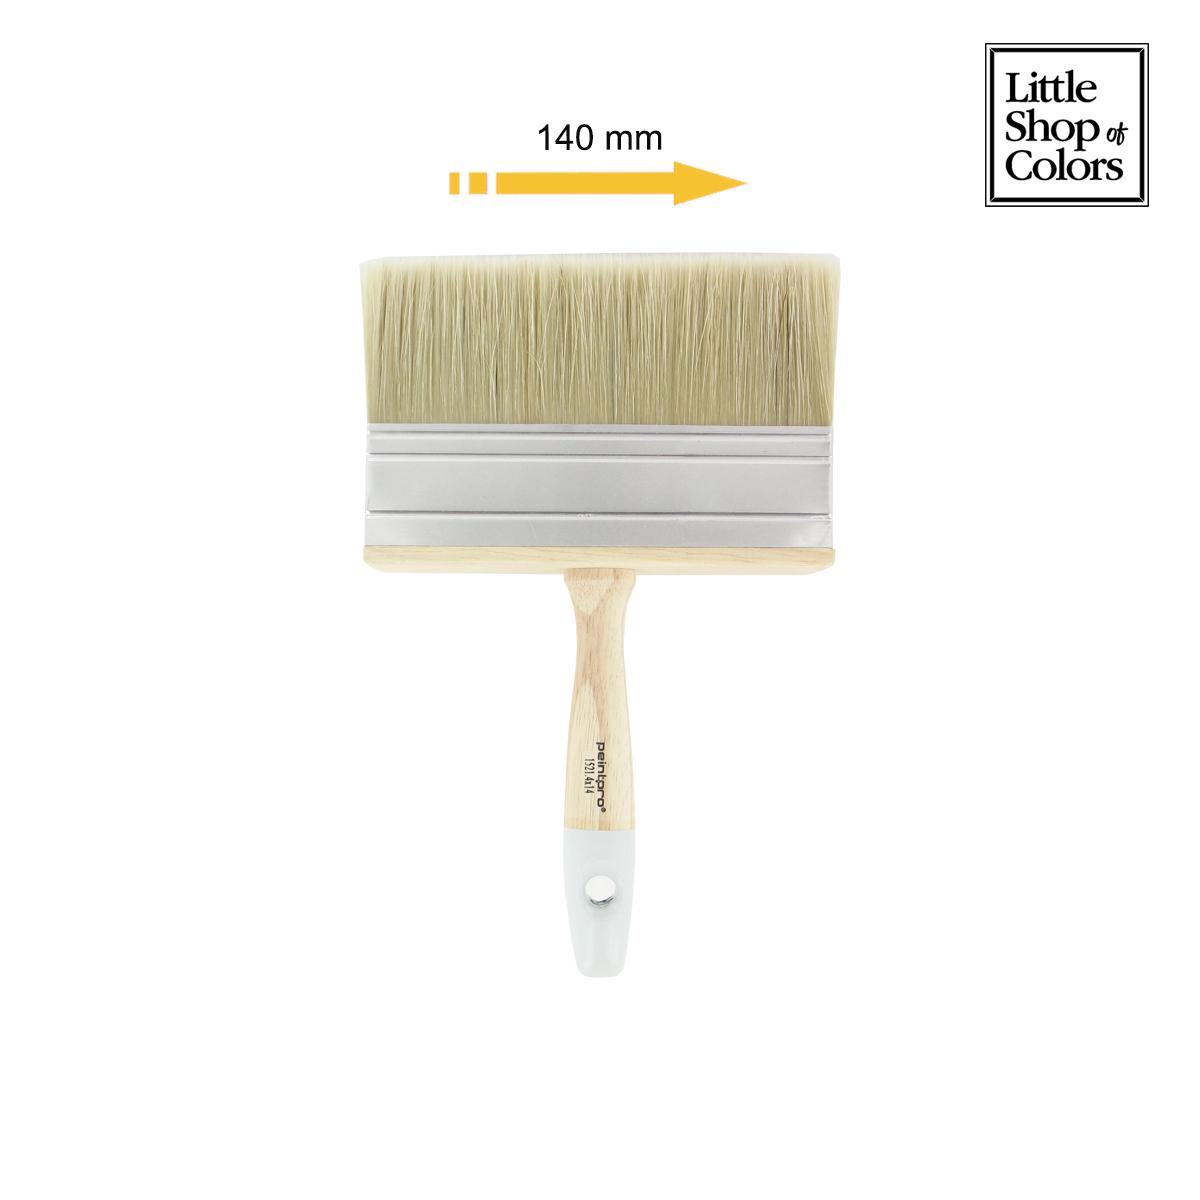 little shop of colors pinceau brosse 4x14cm peintpro 15214x14 manche en bois distriartisan. Black Bedroom Furniture Sets. Home Design Ideas